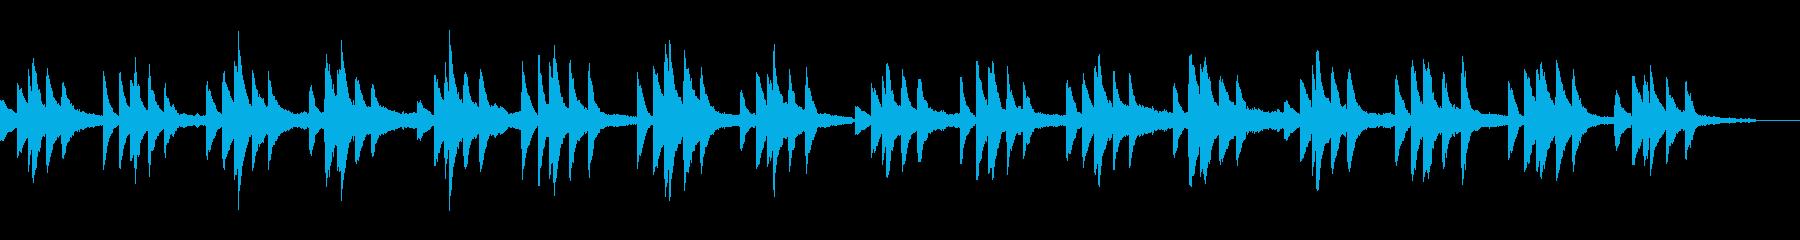 ショパンの名曲プレリュード原曲ピアノソロの再生済みの波形